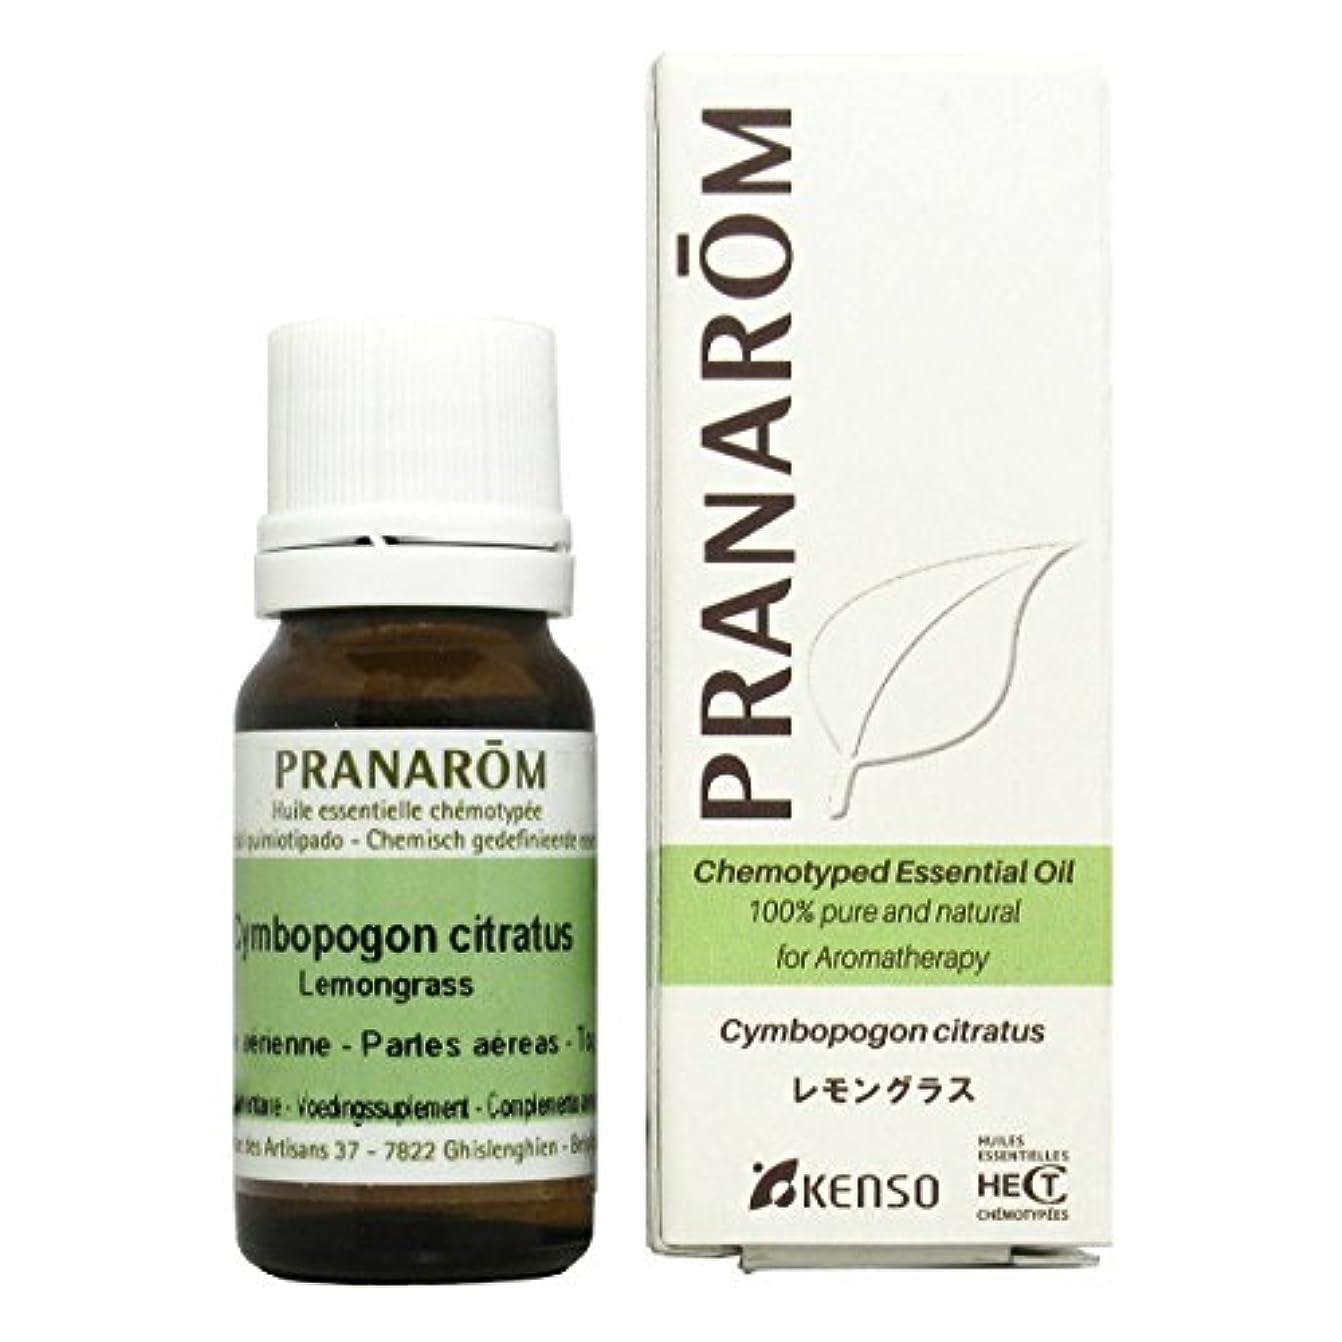 疑問に思うハンディキャップ位置づけるプラナロム レモングラス 10ml (PRANAROM ケモタイプ精油)